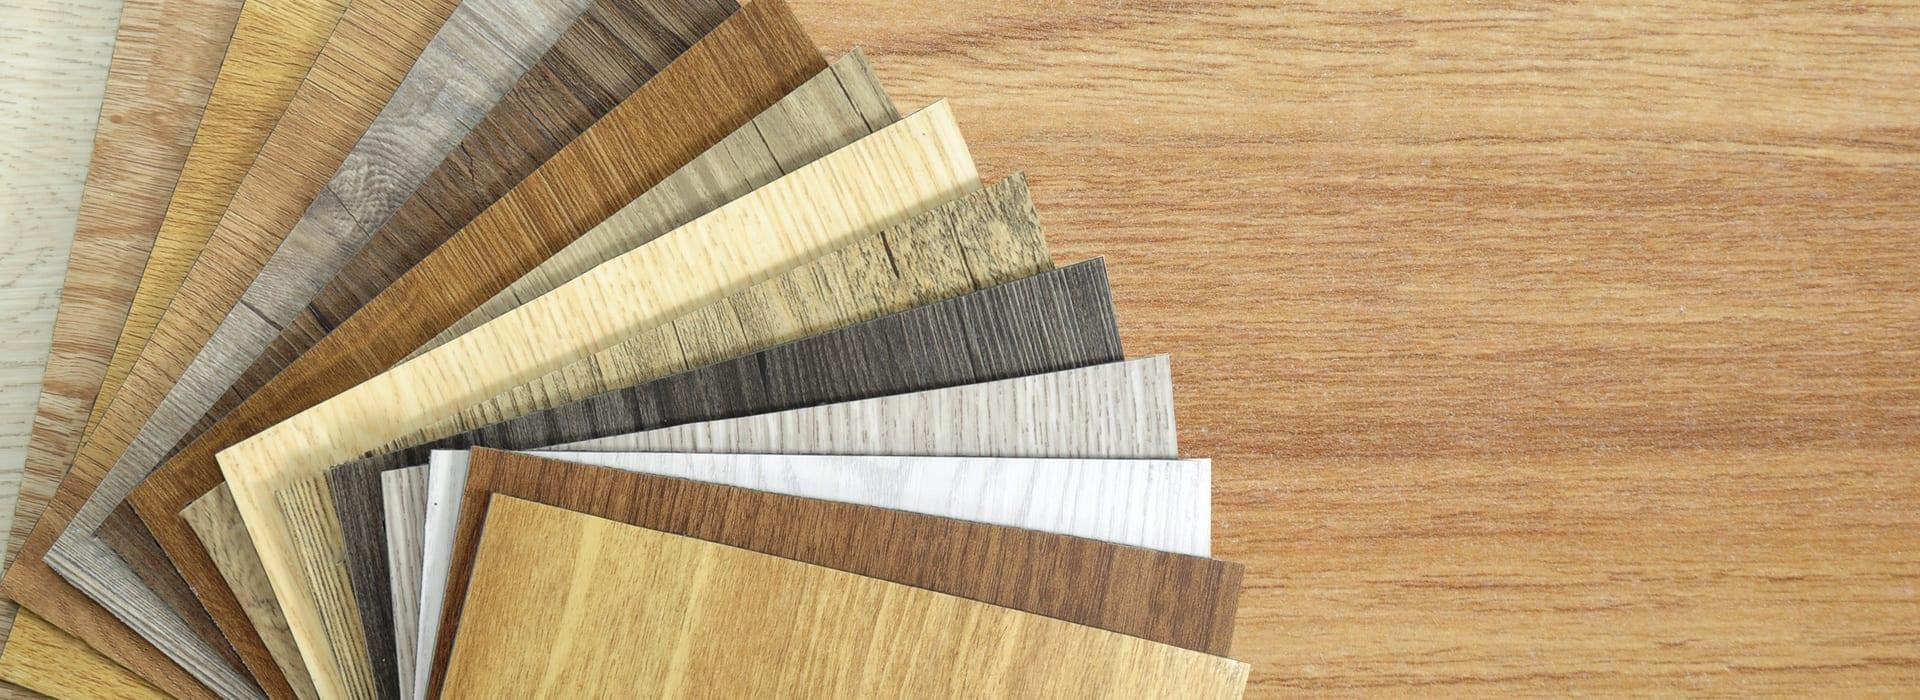 Top 6 reasons to choose vinyl floors